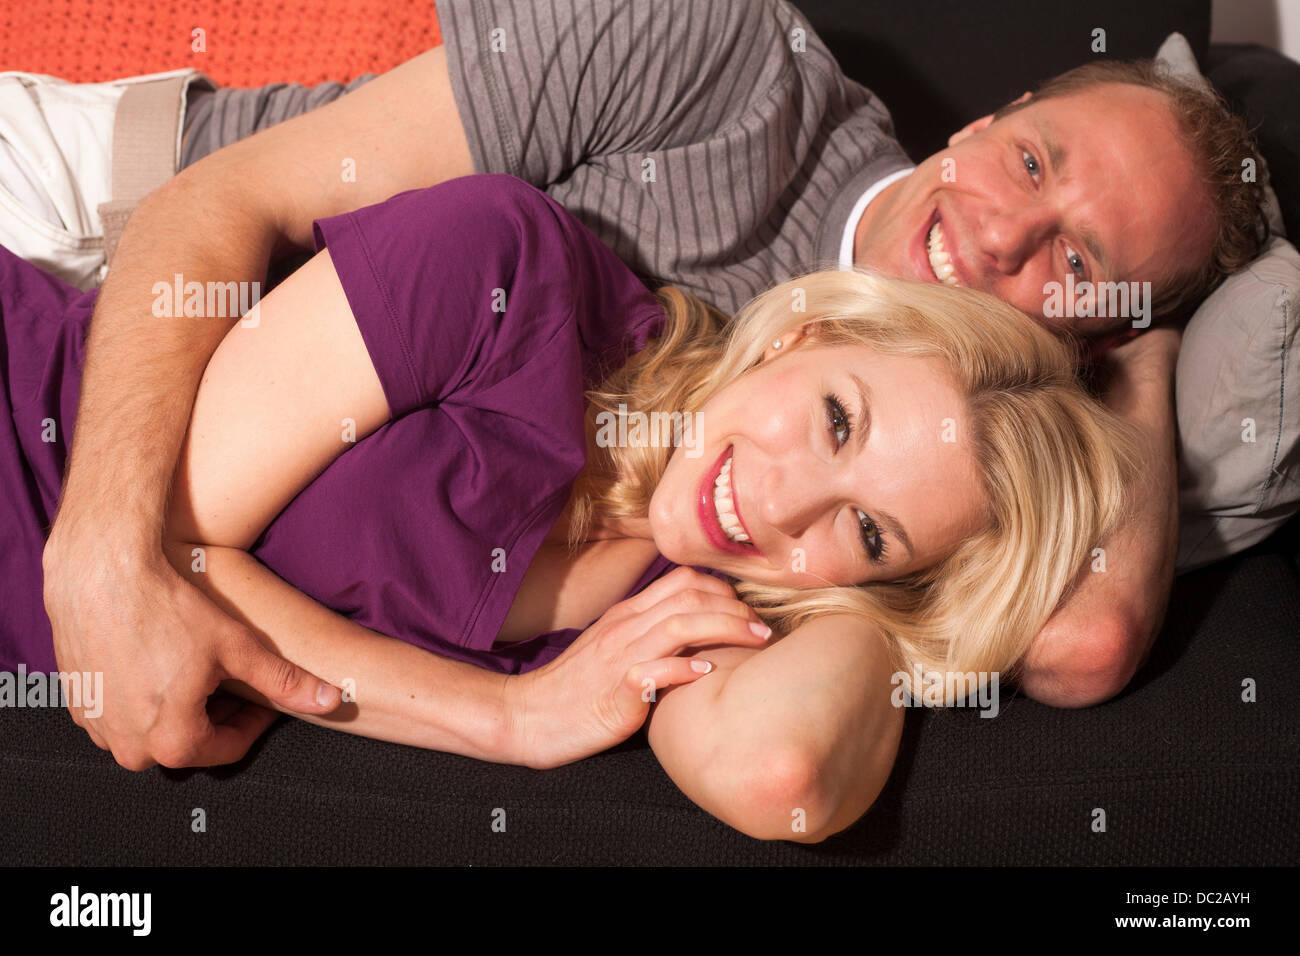 Couple cuddling - Stock Image